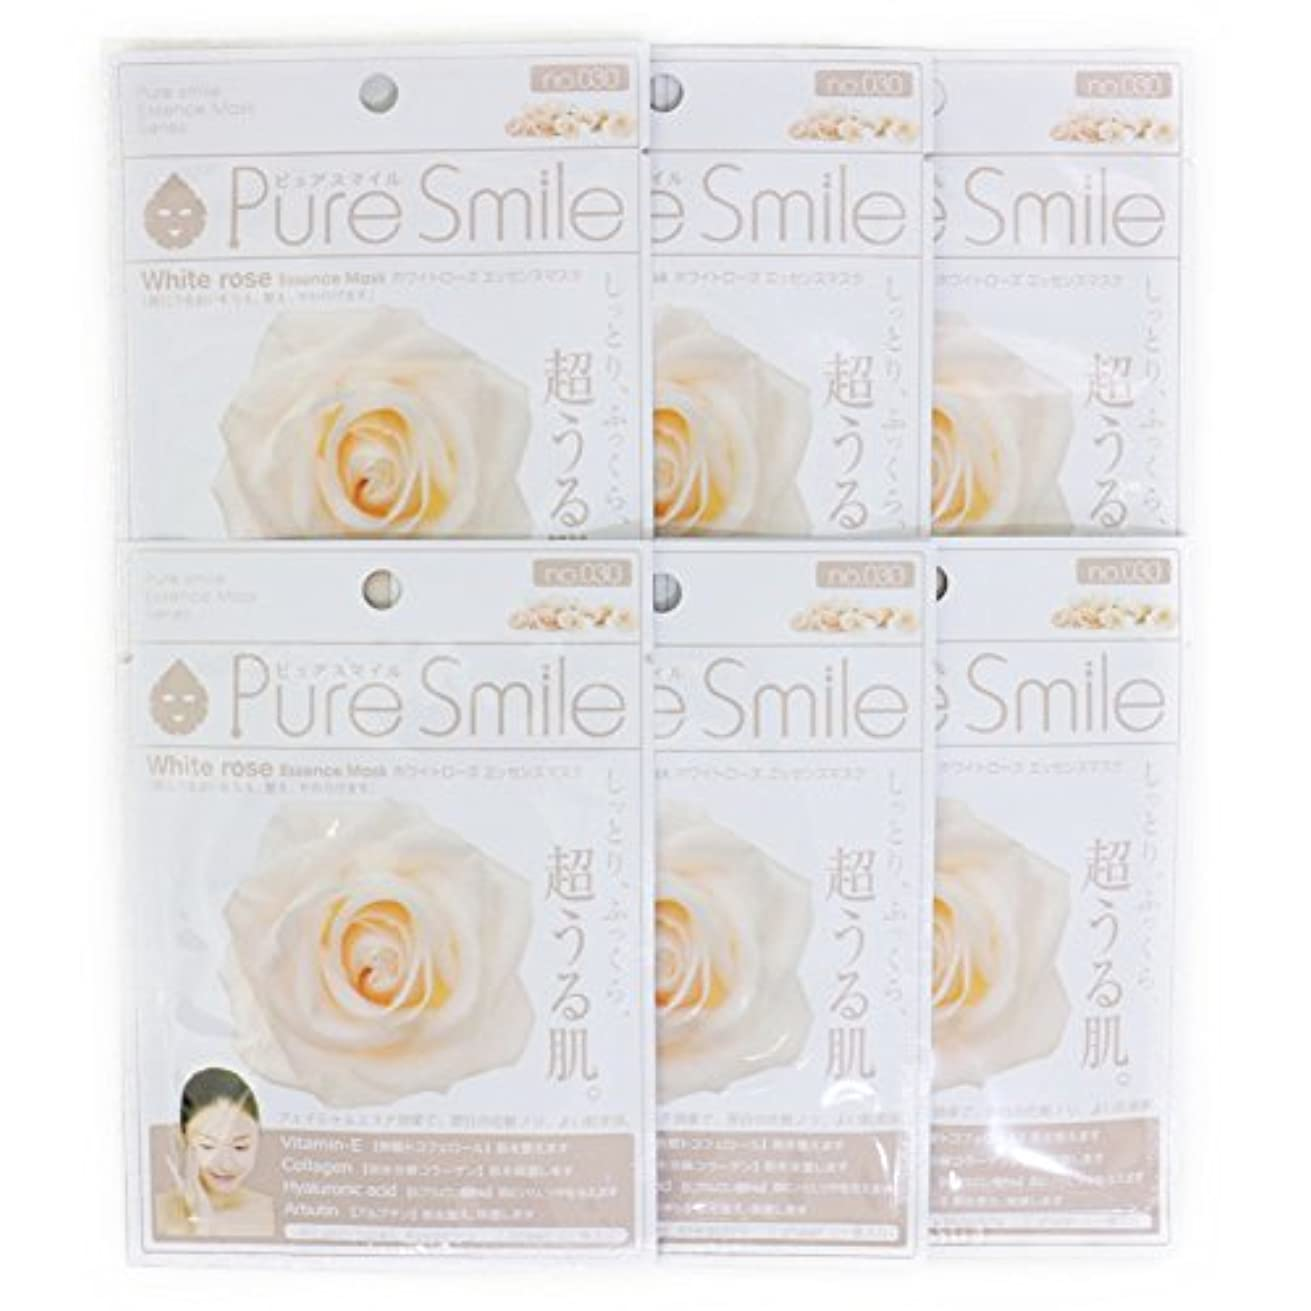 ジョットディボンドン化合物システムPure Smile ピュアスマイル エッセンスマスク ホワイトローズ 6枚セット